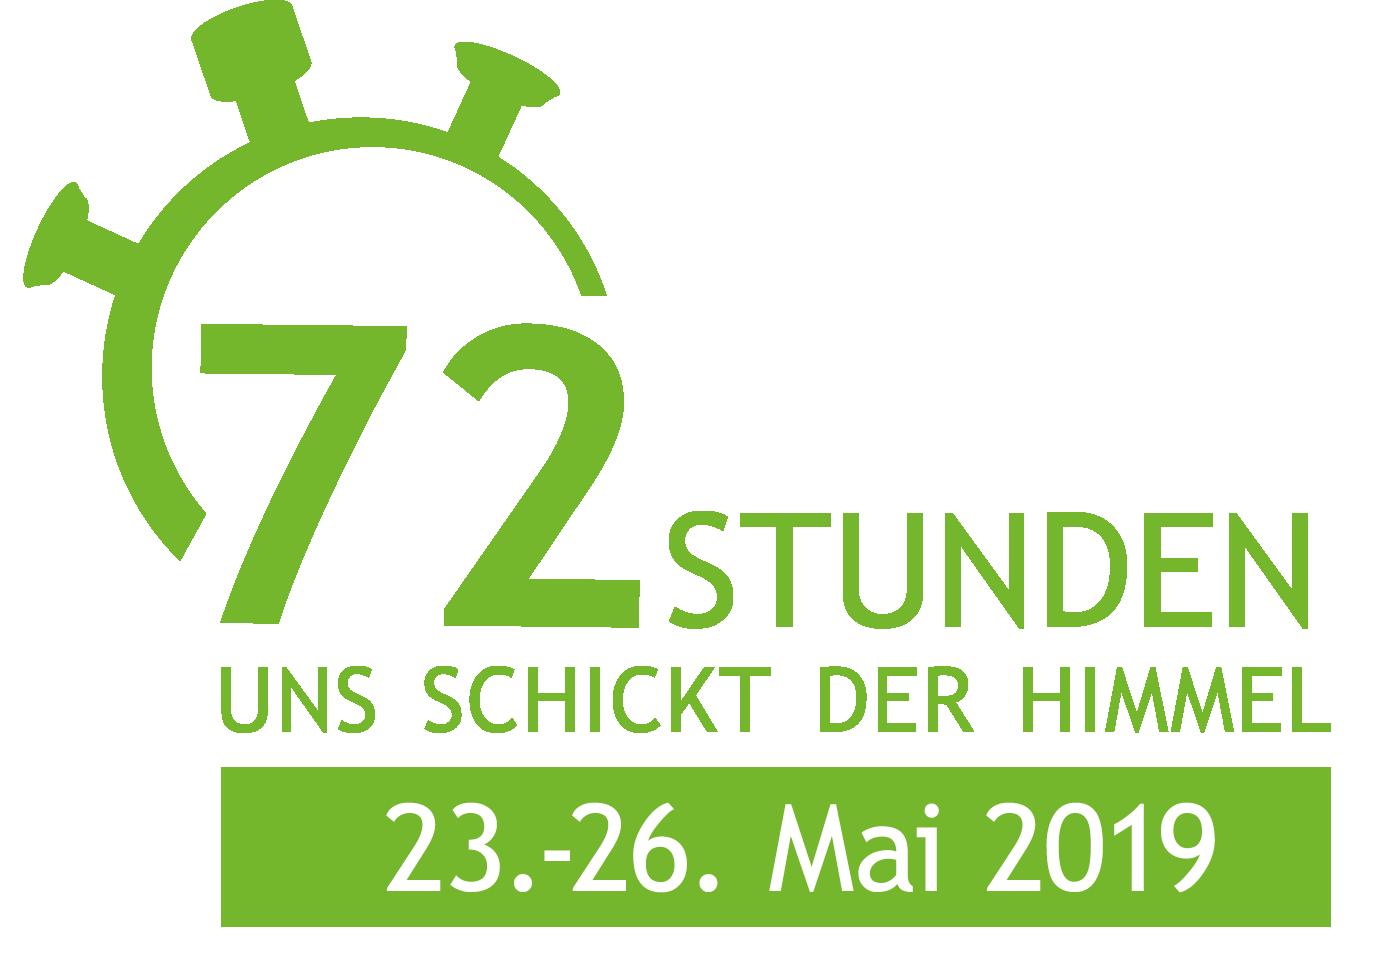 Logo der 72-Stunden-Aktion